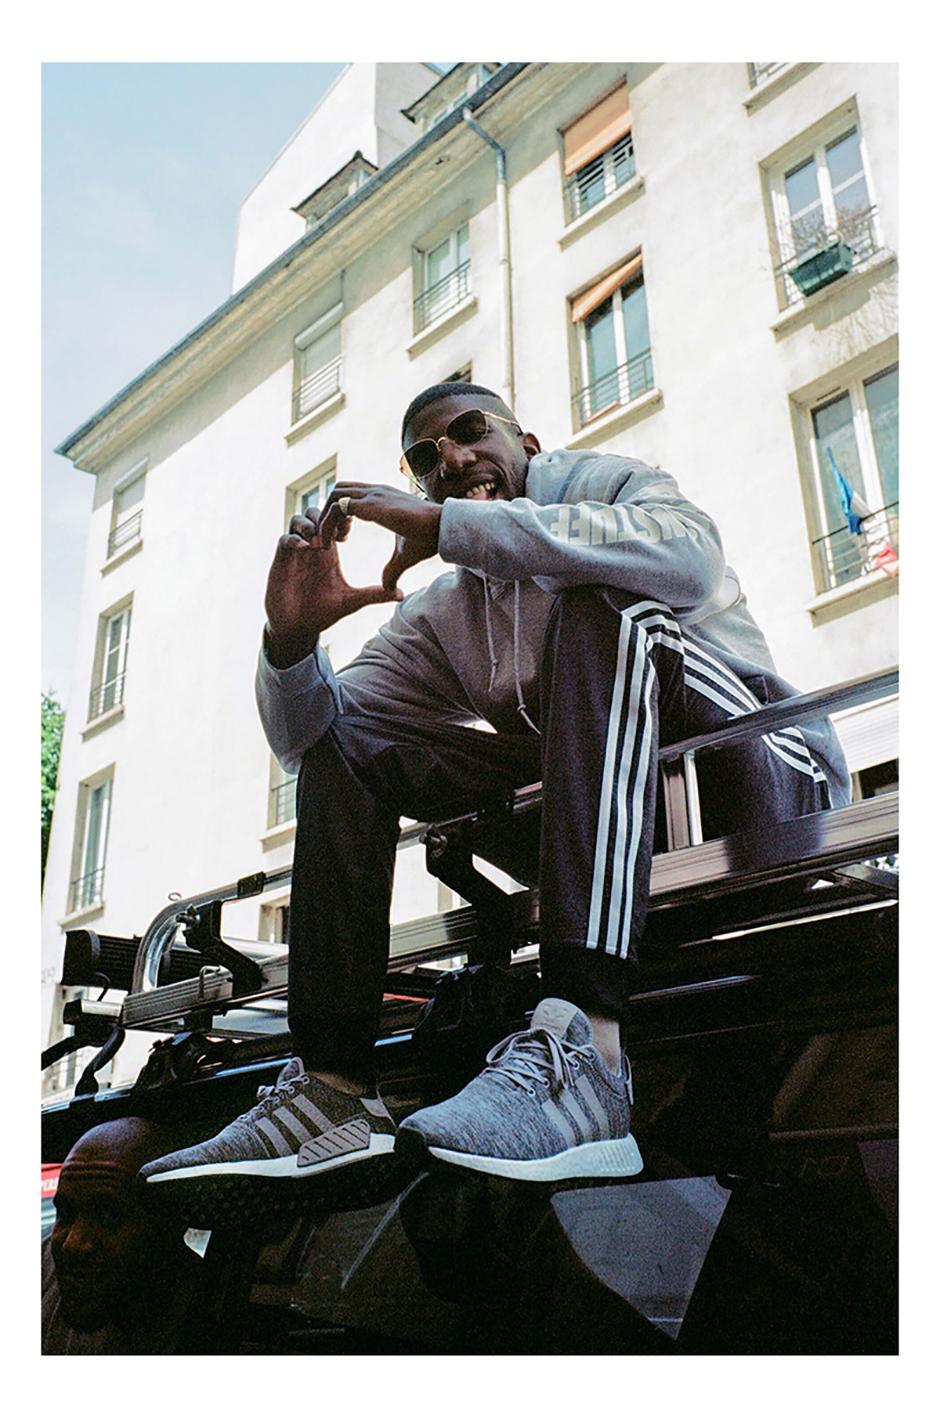 sale retailer b33f1 25153 SneakersNStuff adidas NMD R2 Grey Melange Pack Release Date ...